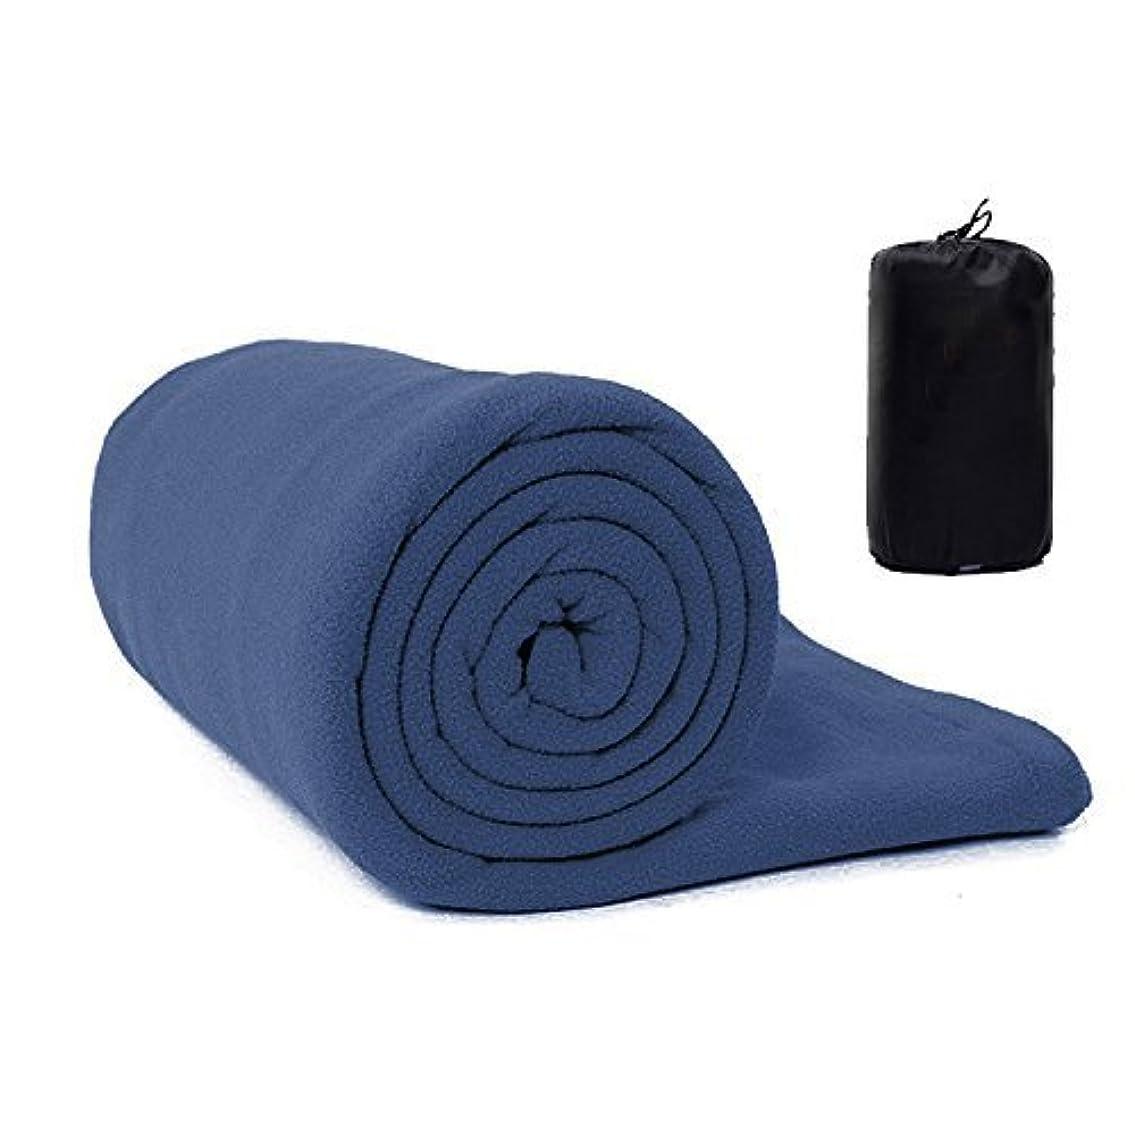 シーンから聞く変な寝袋 シュラフ スリーピングバッグ マミー型/封筒型 連結可能 羽毛寝袋/フリース寝袋 収納袋付き